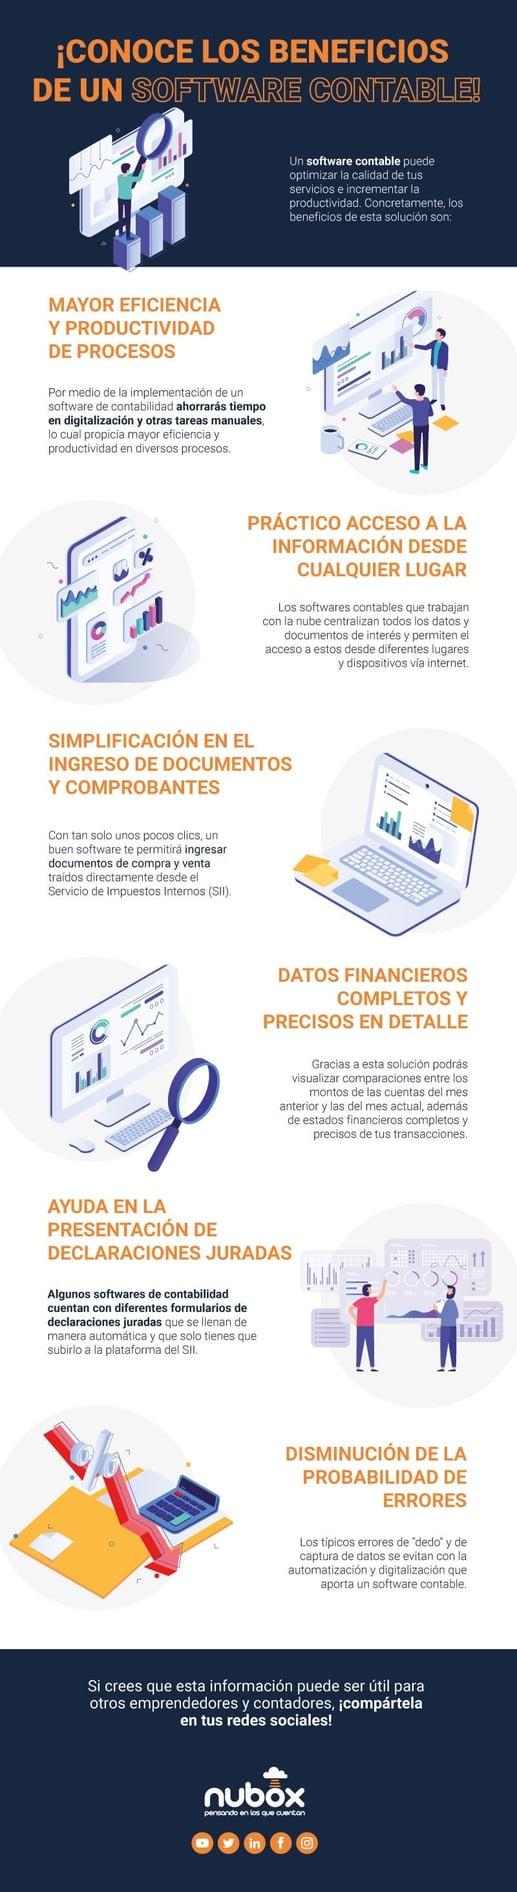 Conoce los beneficios de un software contable (1) (1) (1)